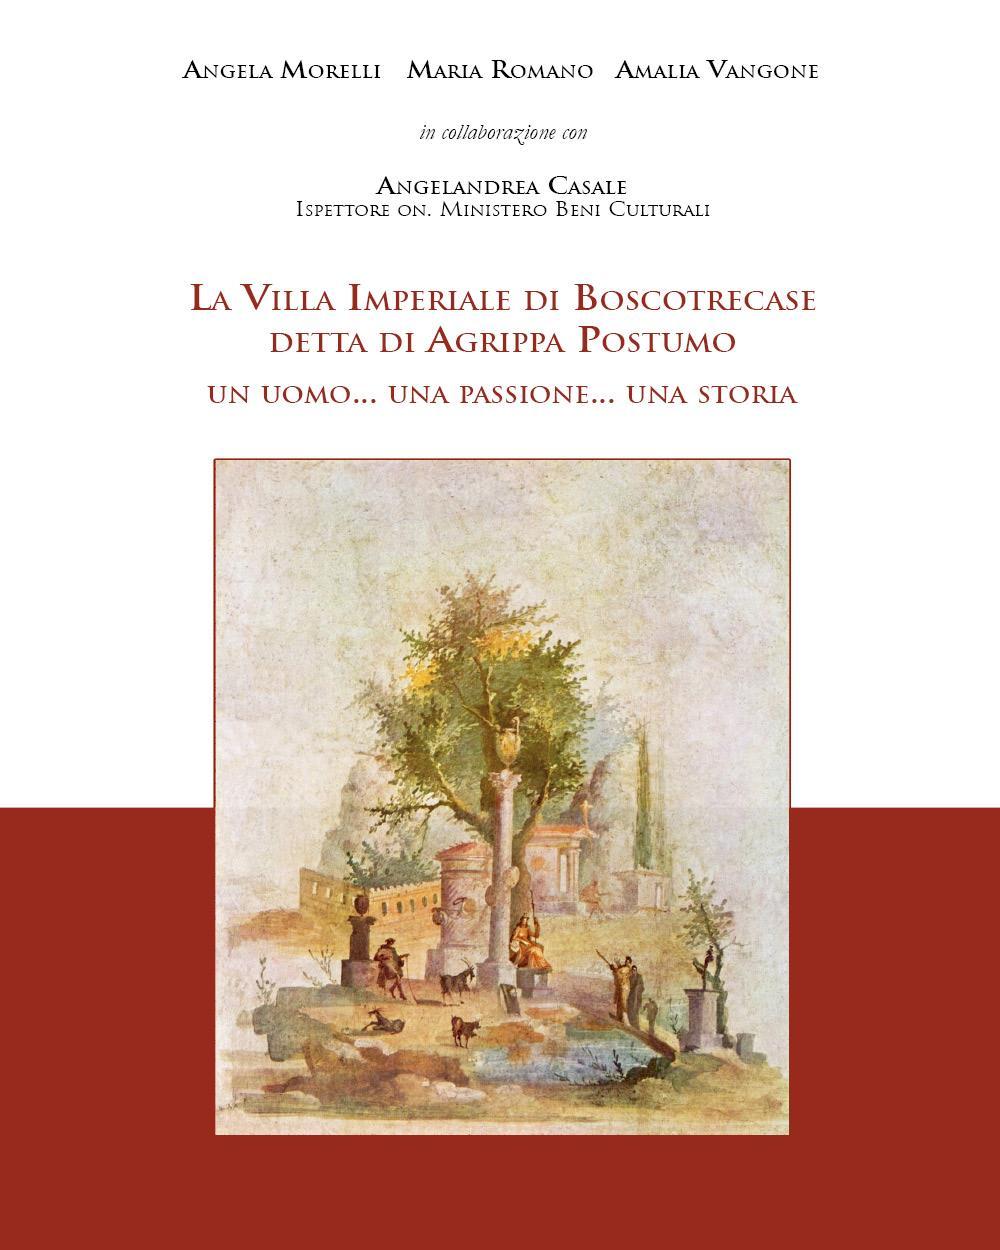 La Villa Imperiale di Boscotrecase detta di Agrippa Postumo